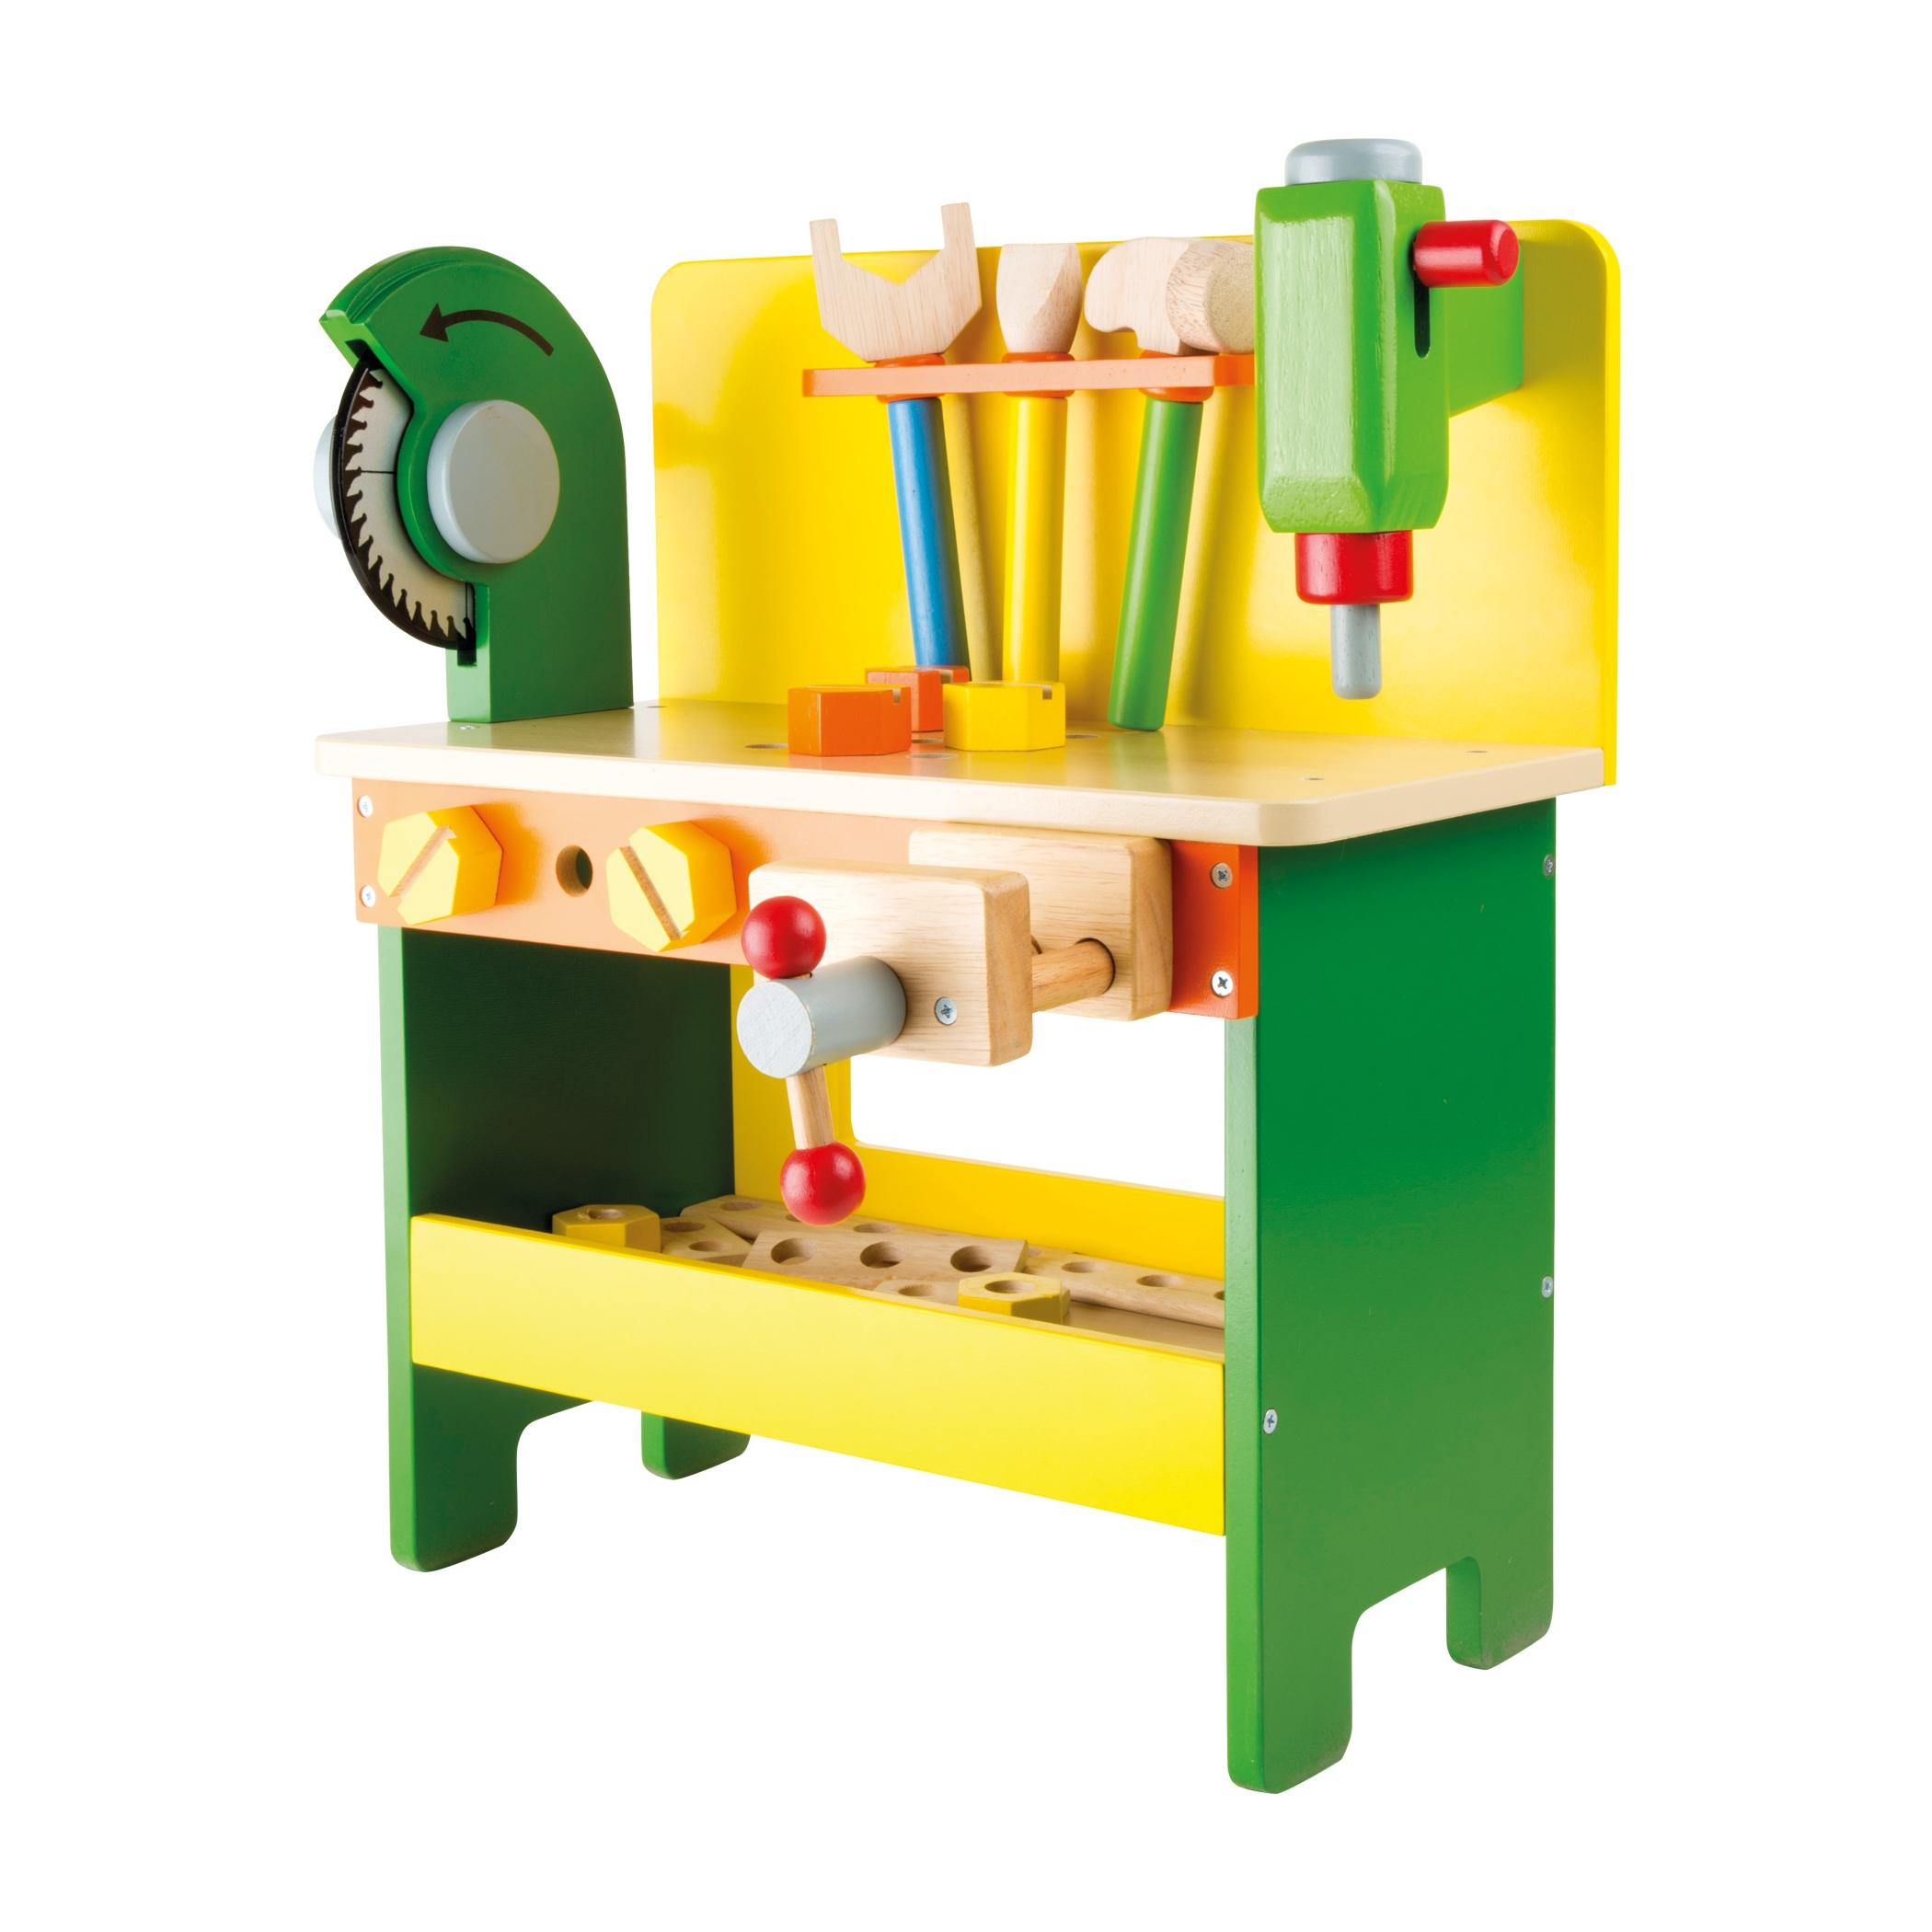 Kinderwerkbank und Werkzeug aus Holz von small foot design ...